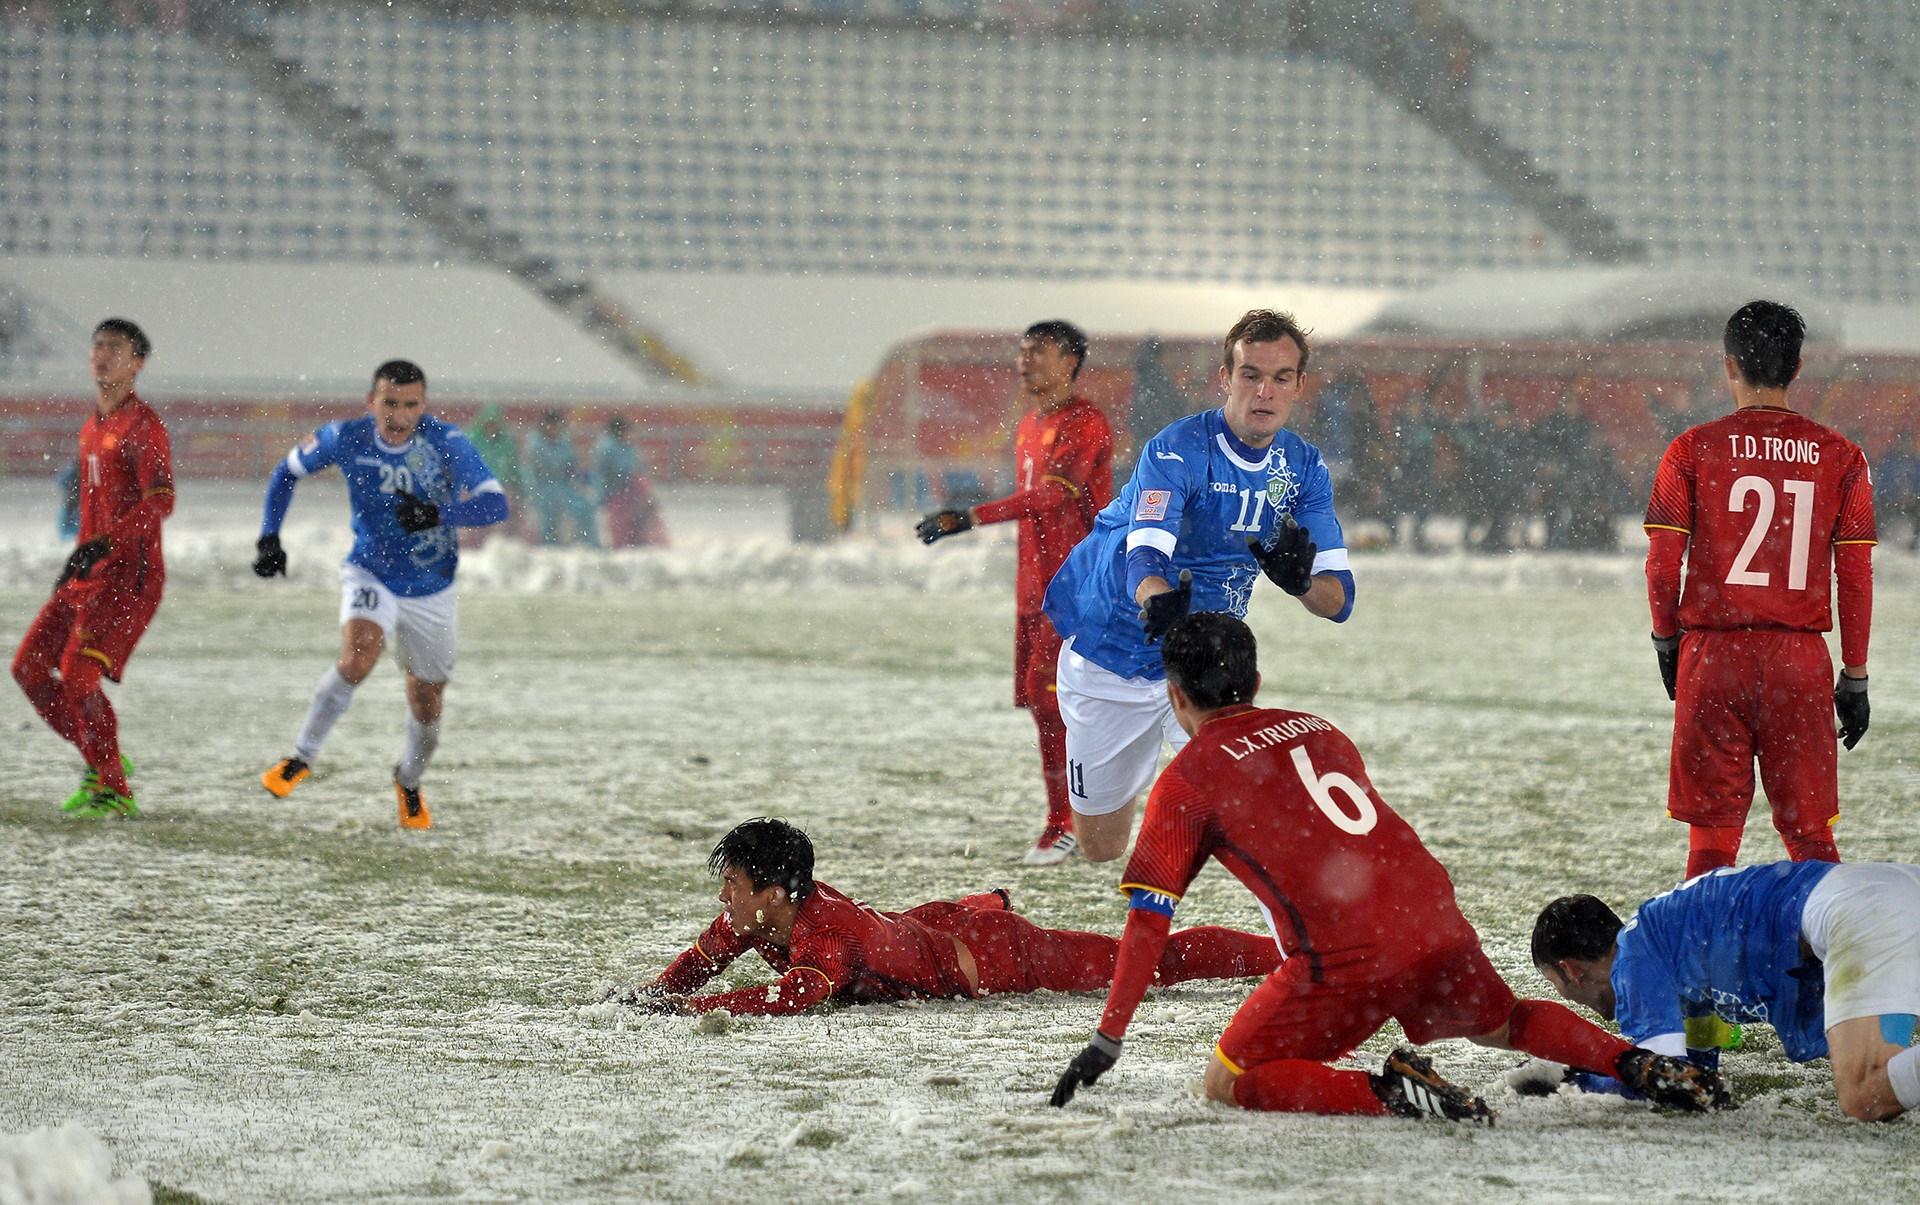 Kỳ tích U23 Việt Nam: Báo Uzbekistan ngả mũ kính phục! - Bóng Đá